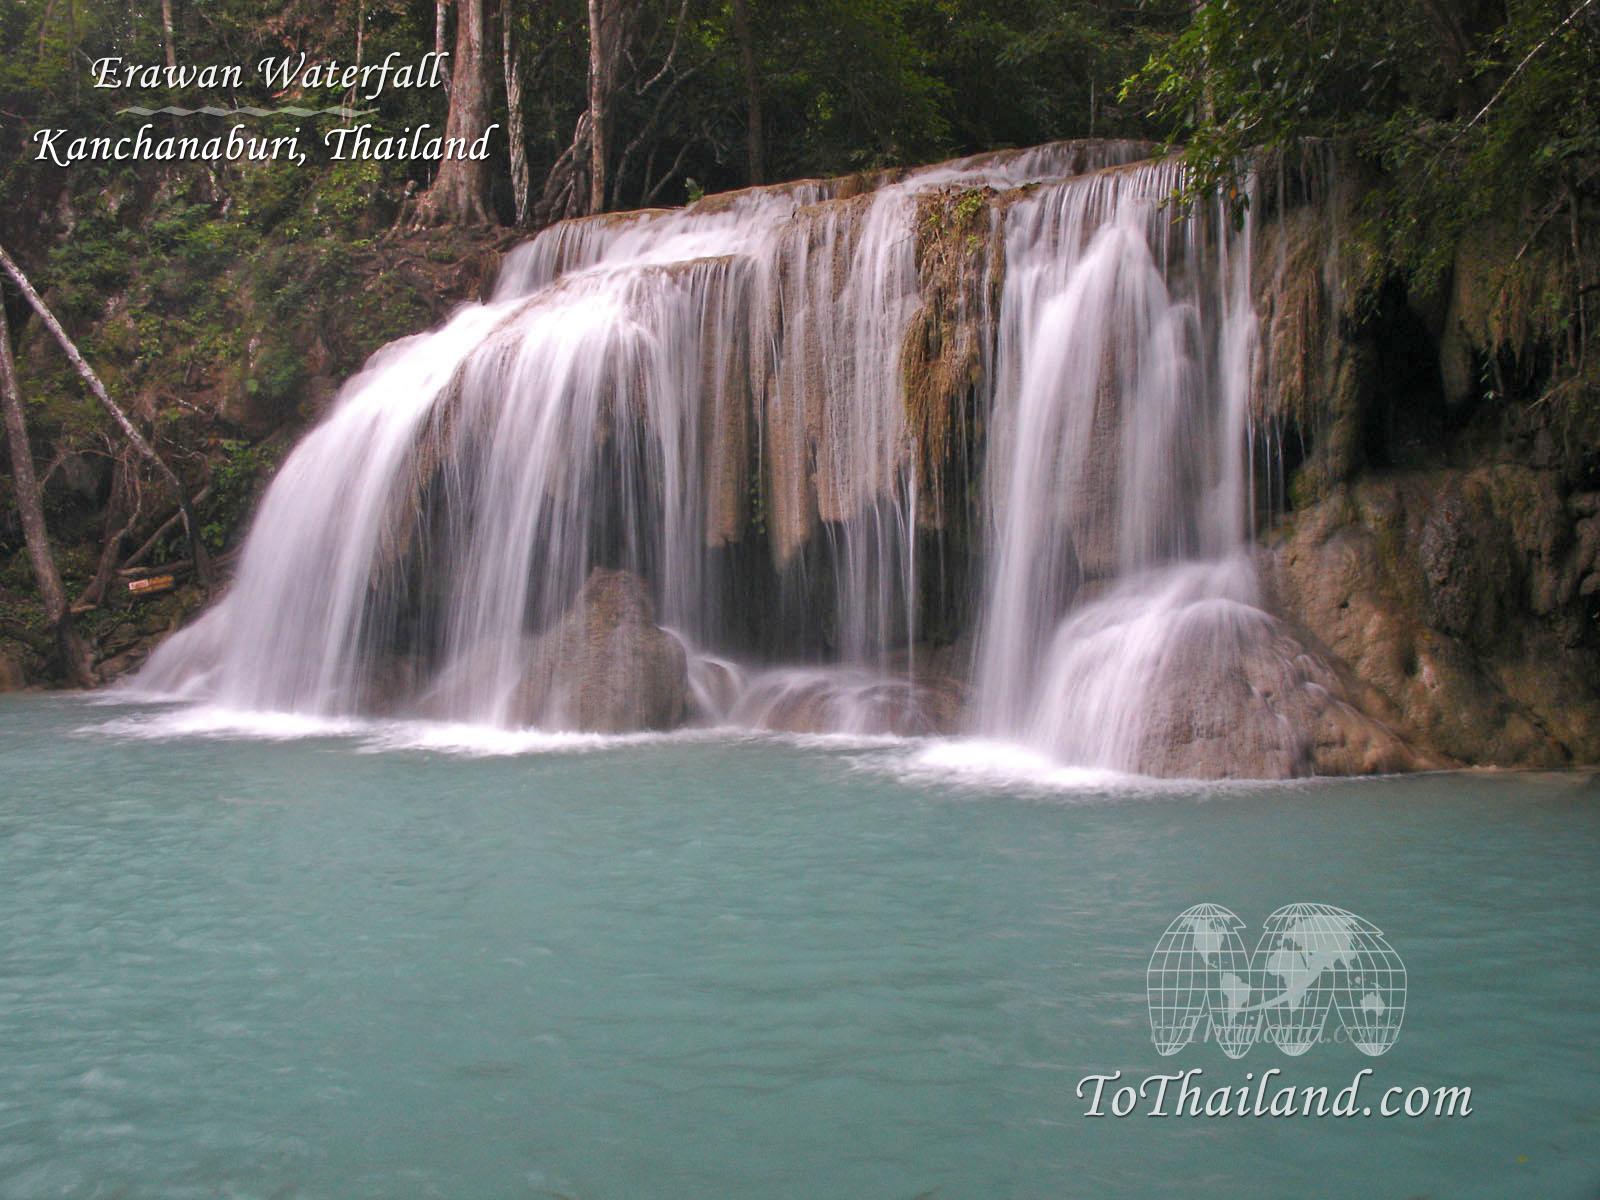 http://2.bp.blogspot.com/_4oiIvlyEYOc/TPIIcuOXQhI/AAAAAAAAAxo/S3QUTgY7A-Y/s1600/kanchanaburi_thailand_wallpaper+%25281%2529.jpg